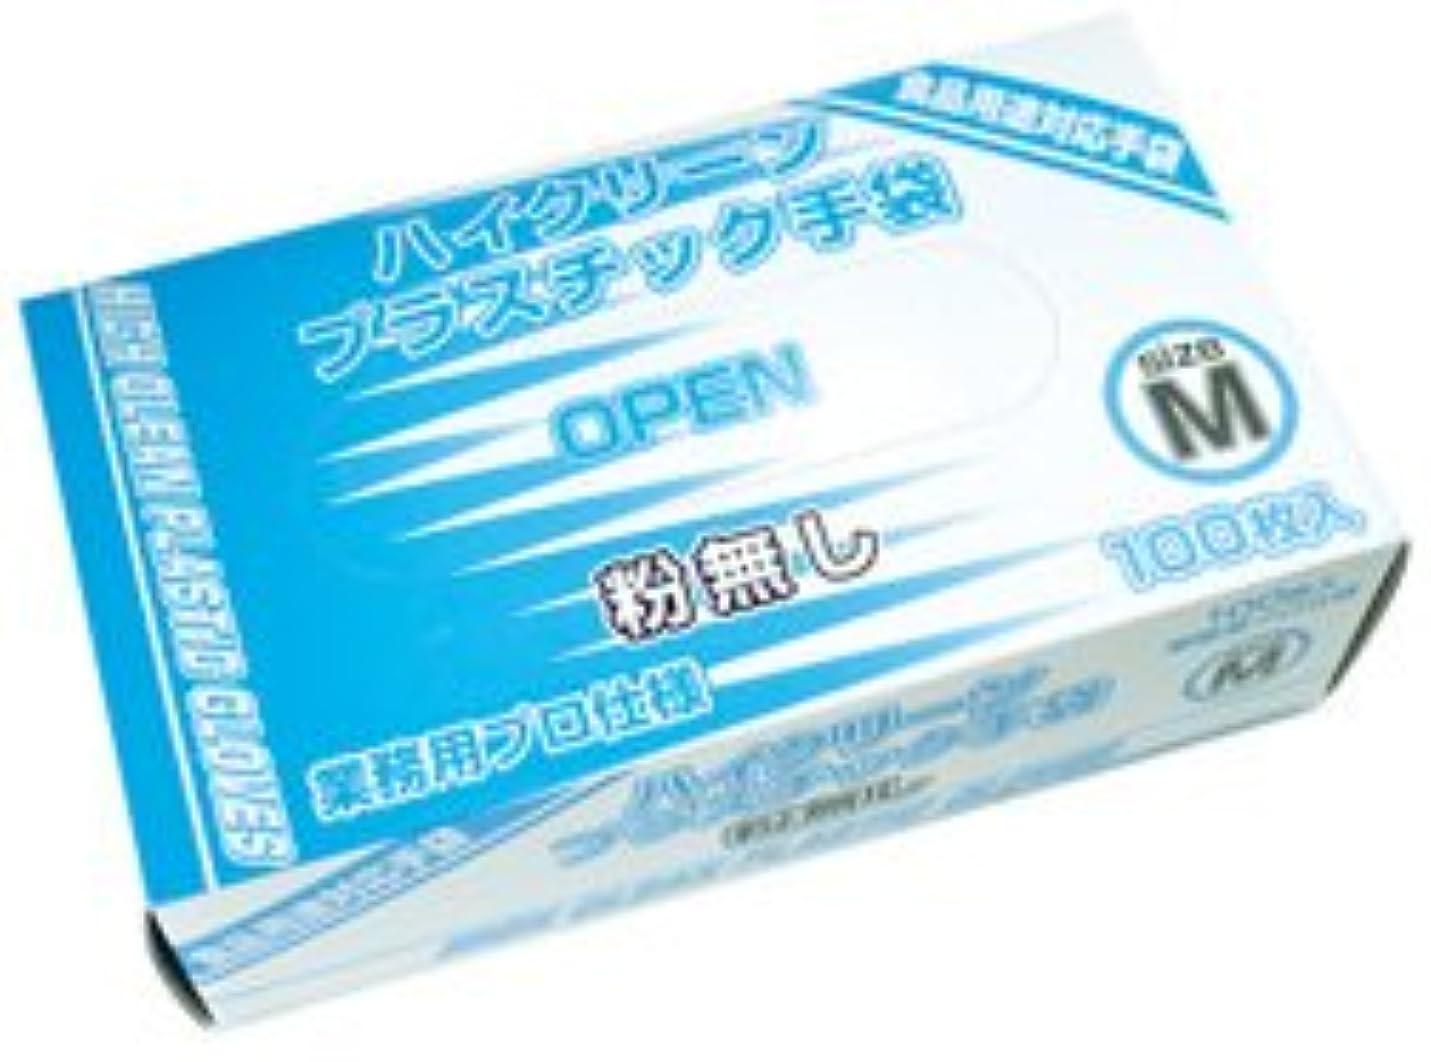 神秘重さ平和ハイクリーン プラスチック手袋 粉無 M 100枚入